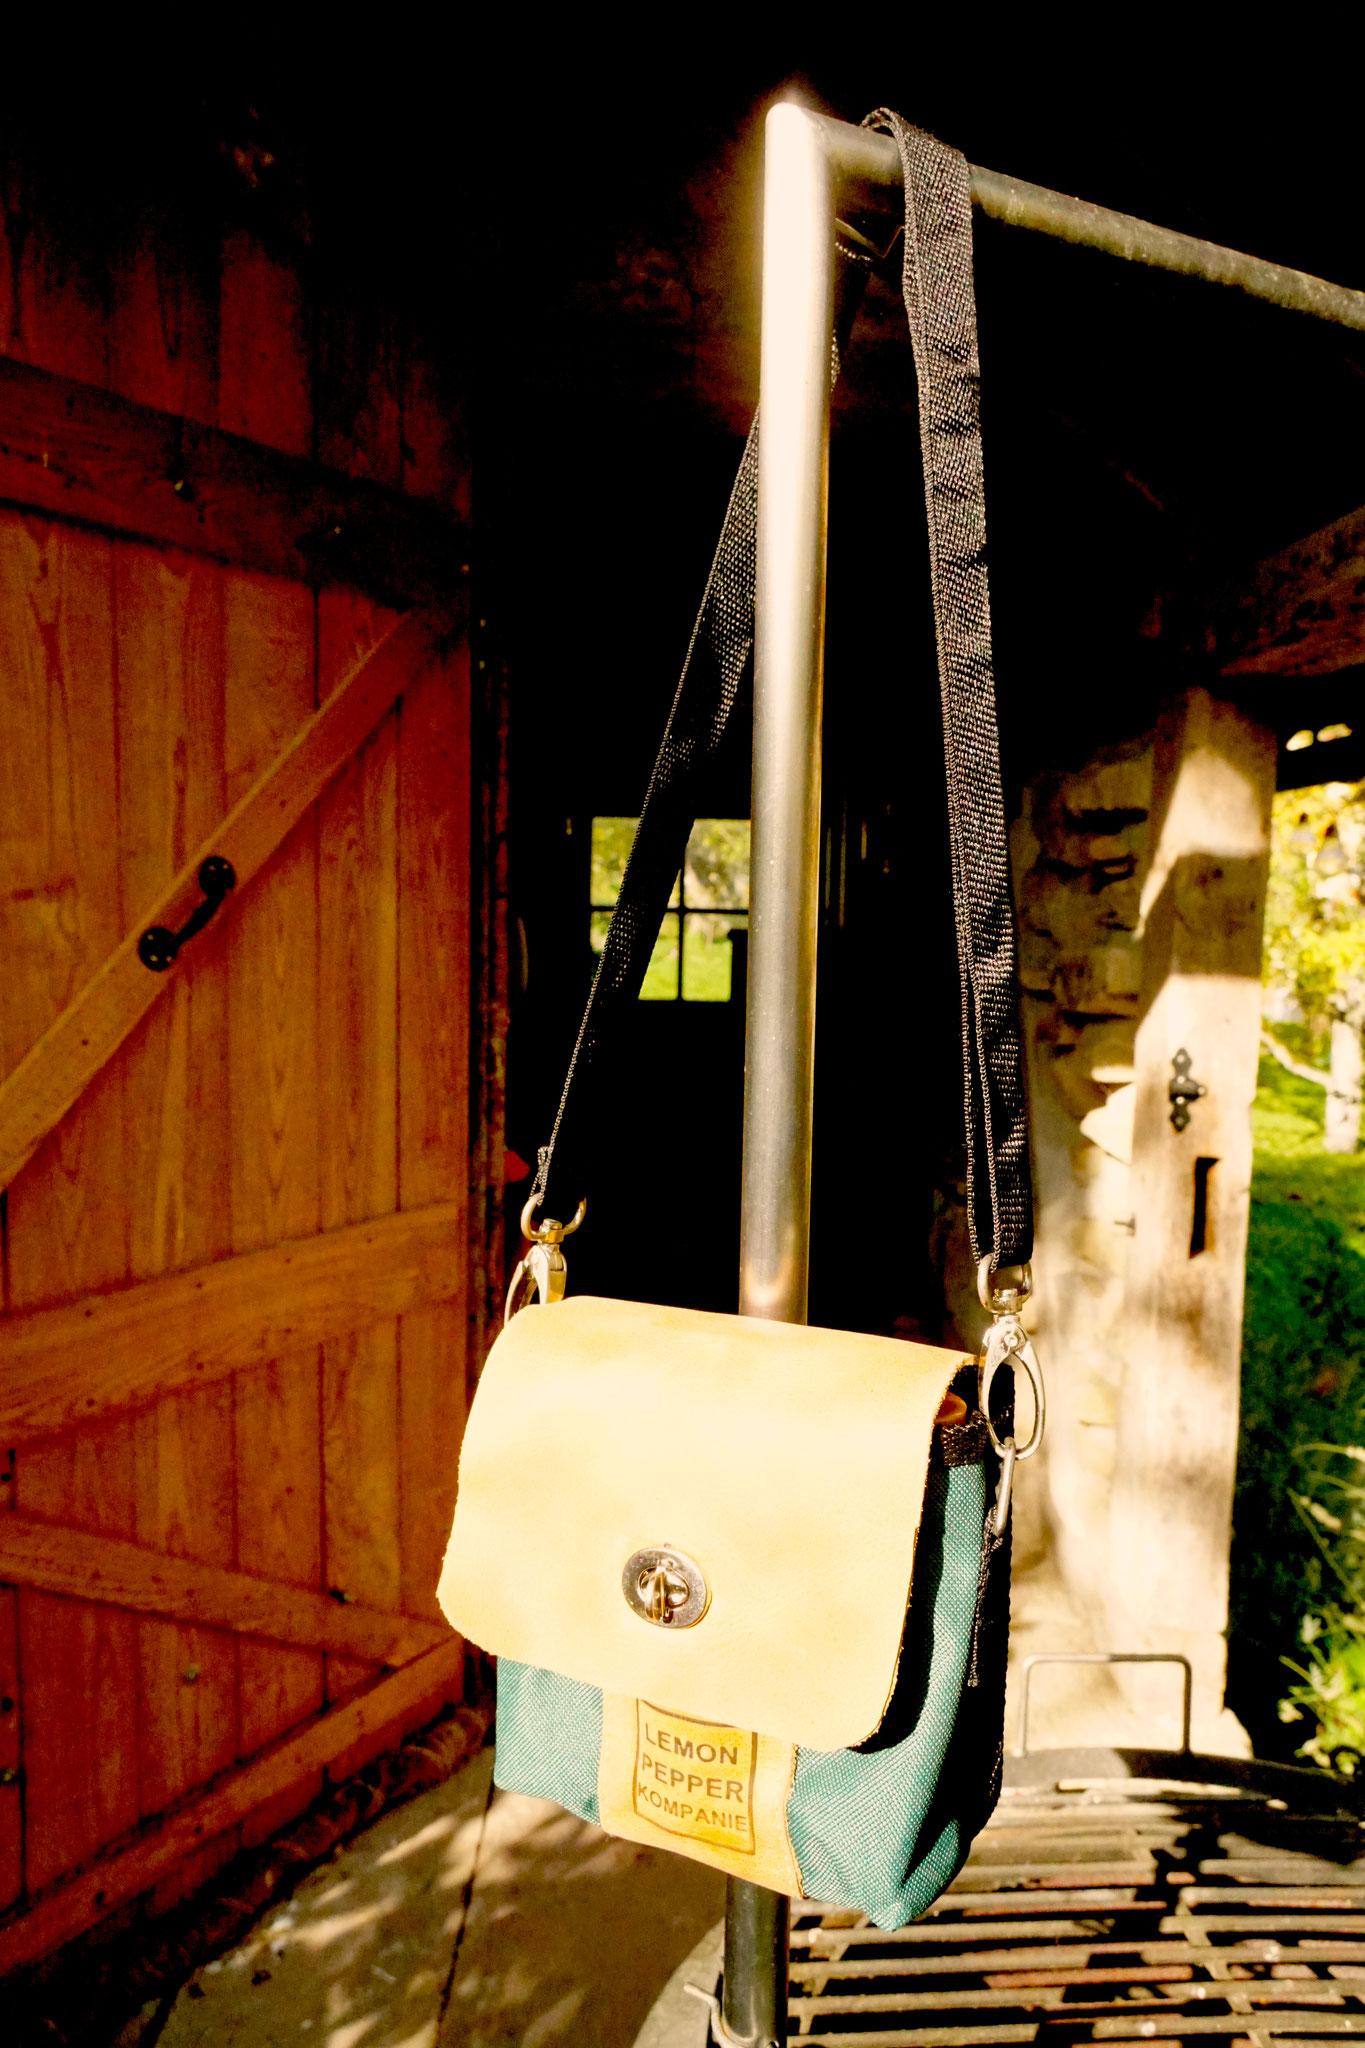 Schulterriemen gehört als Extra dazu - auch als Handtasche ein Hingucker